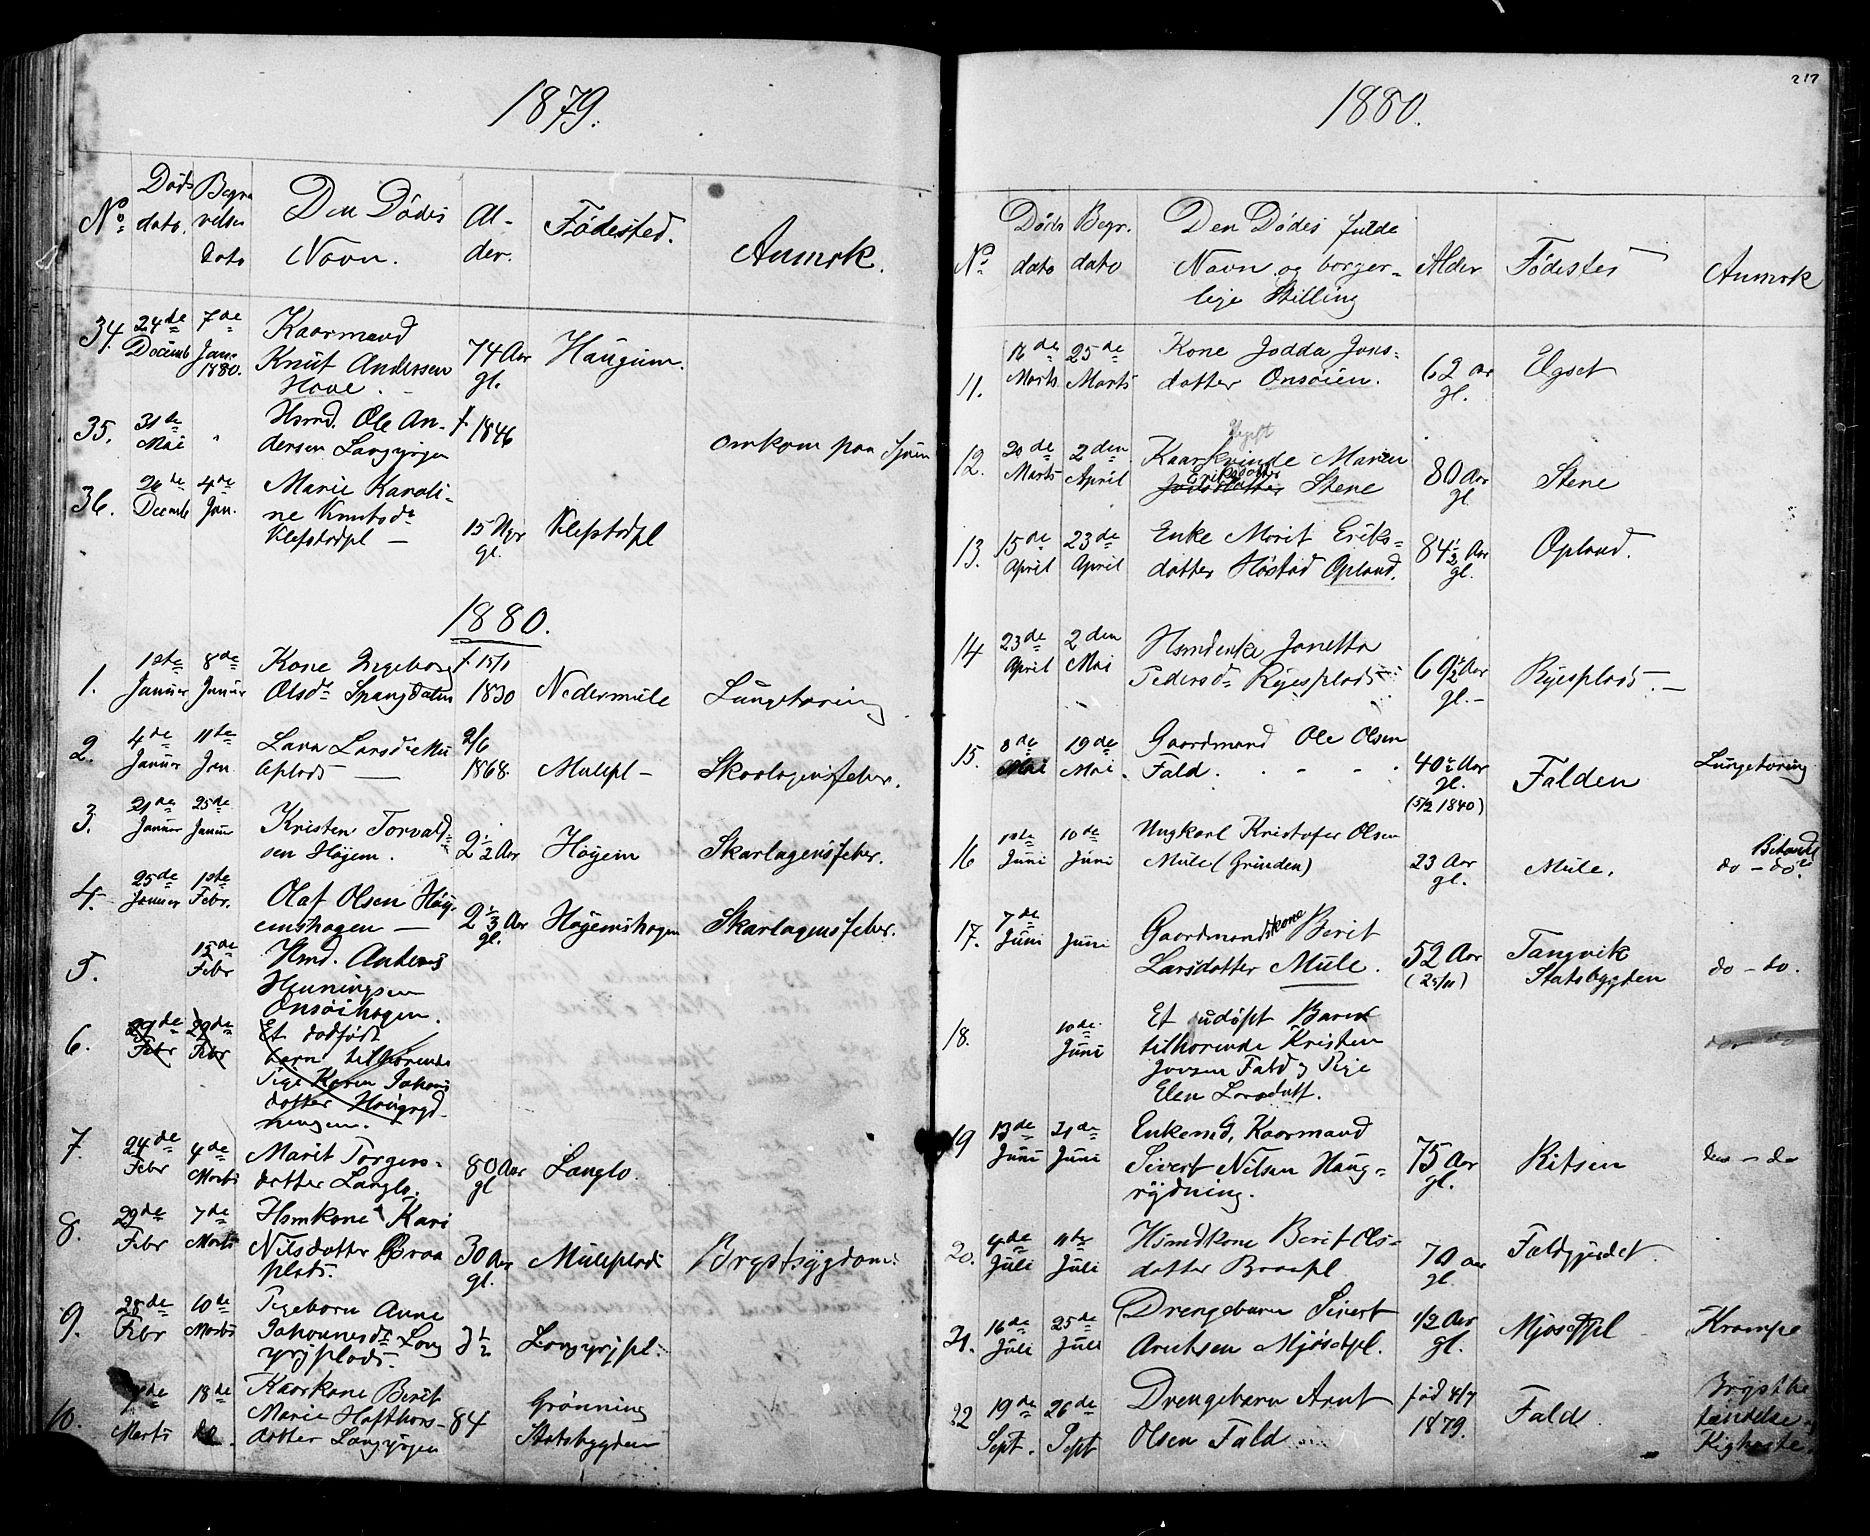 SAT, Ministerialprotokoller, klokkerbøker og fødselsregistre - Sør-Trøndelag, 612/L0387: Klokkerbok nr. 612C03, 1874-1908, s. 217